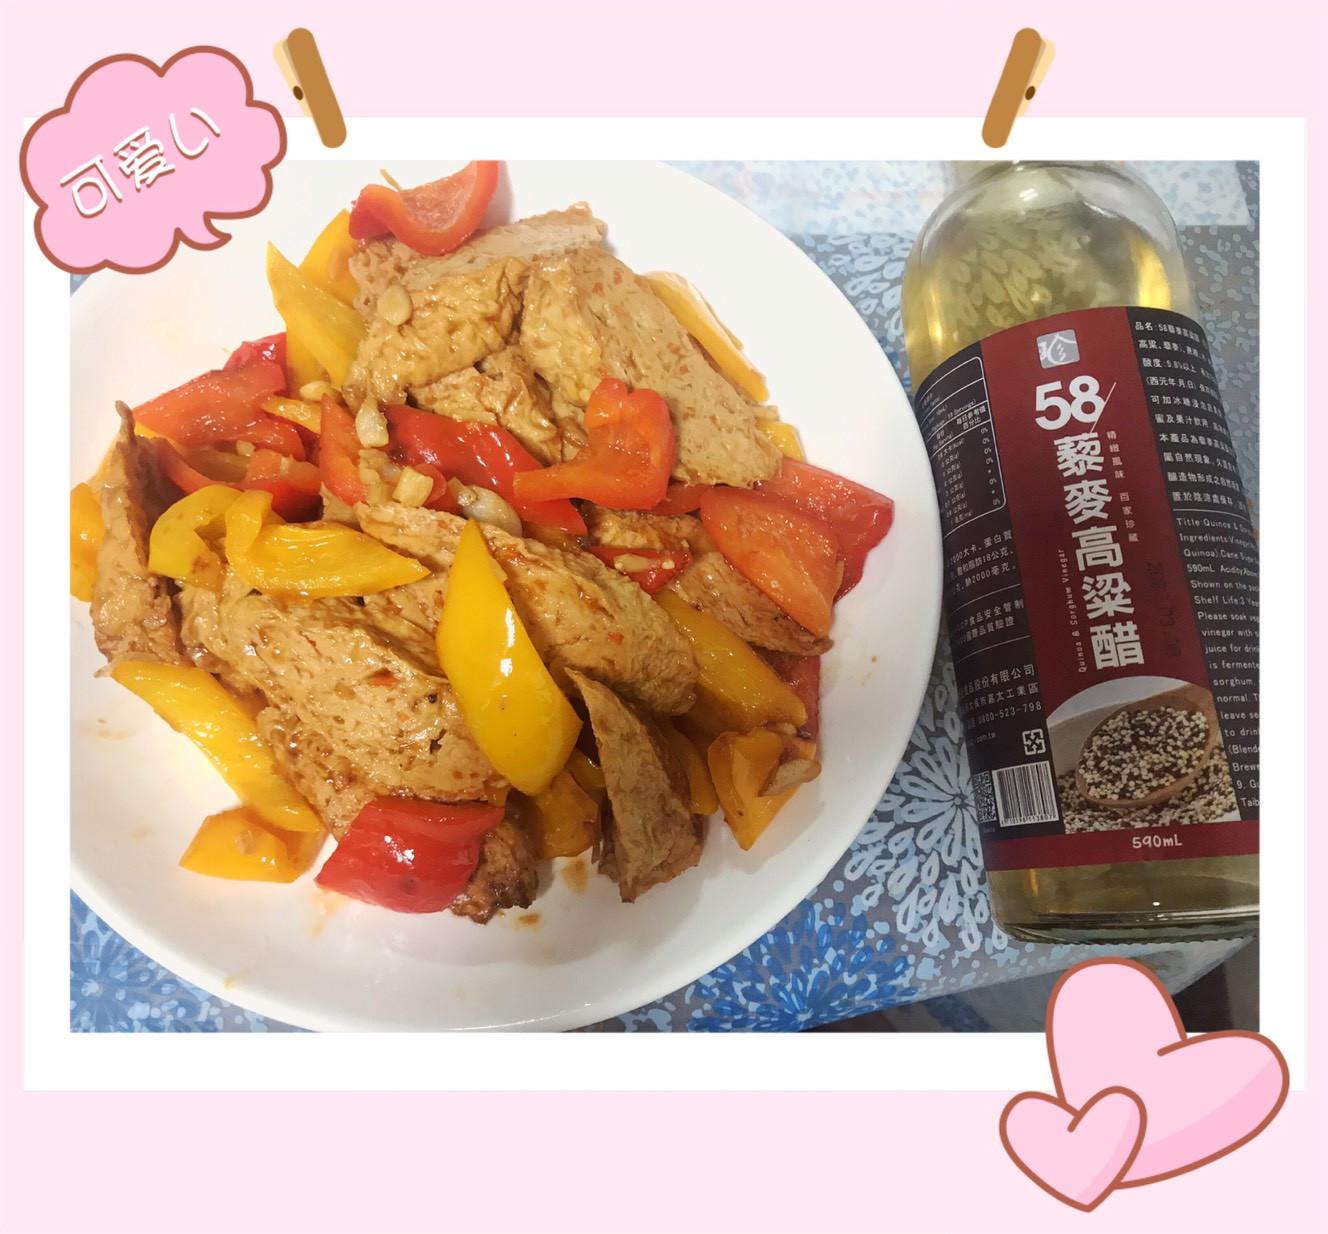 糖醋鮮椒甜不辣/【58藜麥高粱醋】